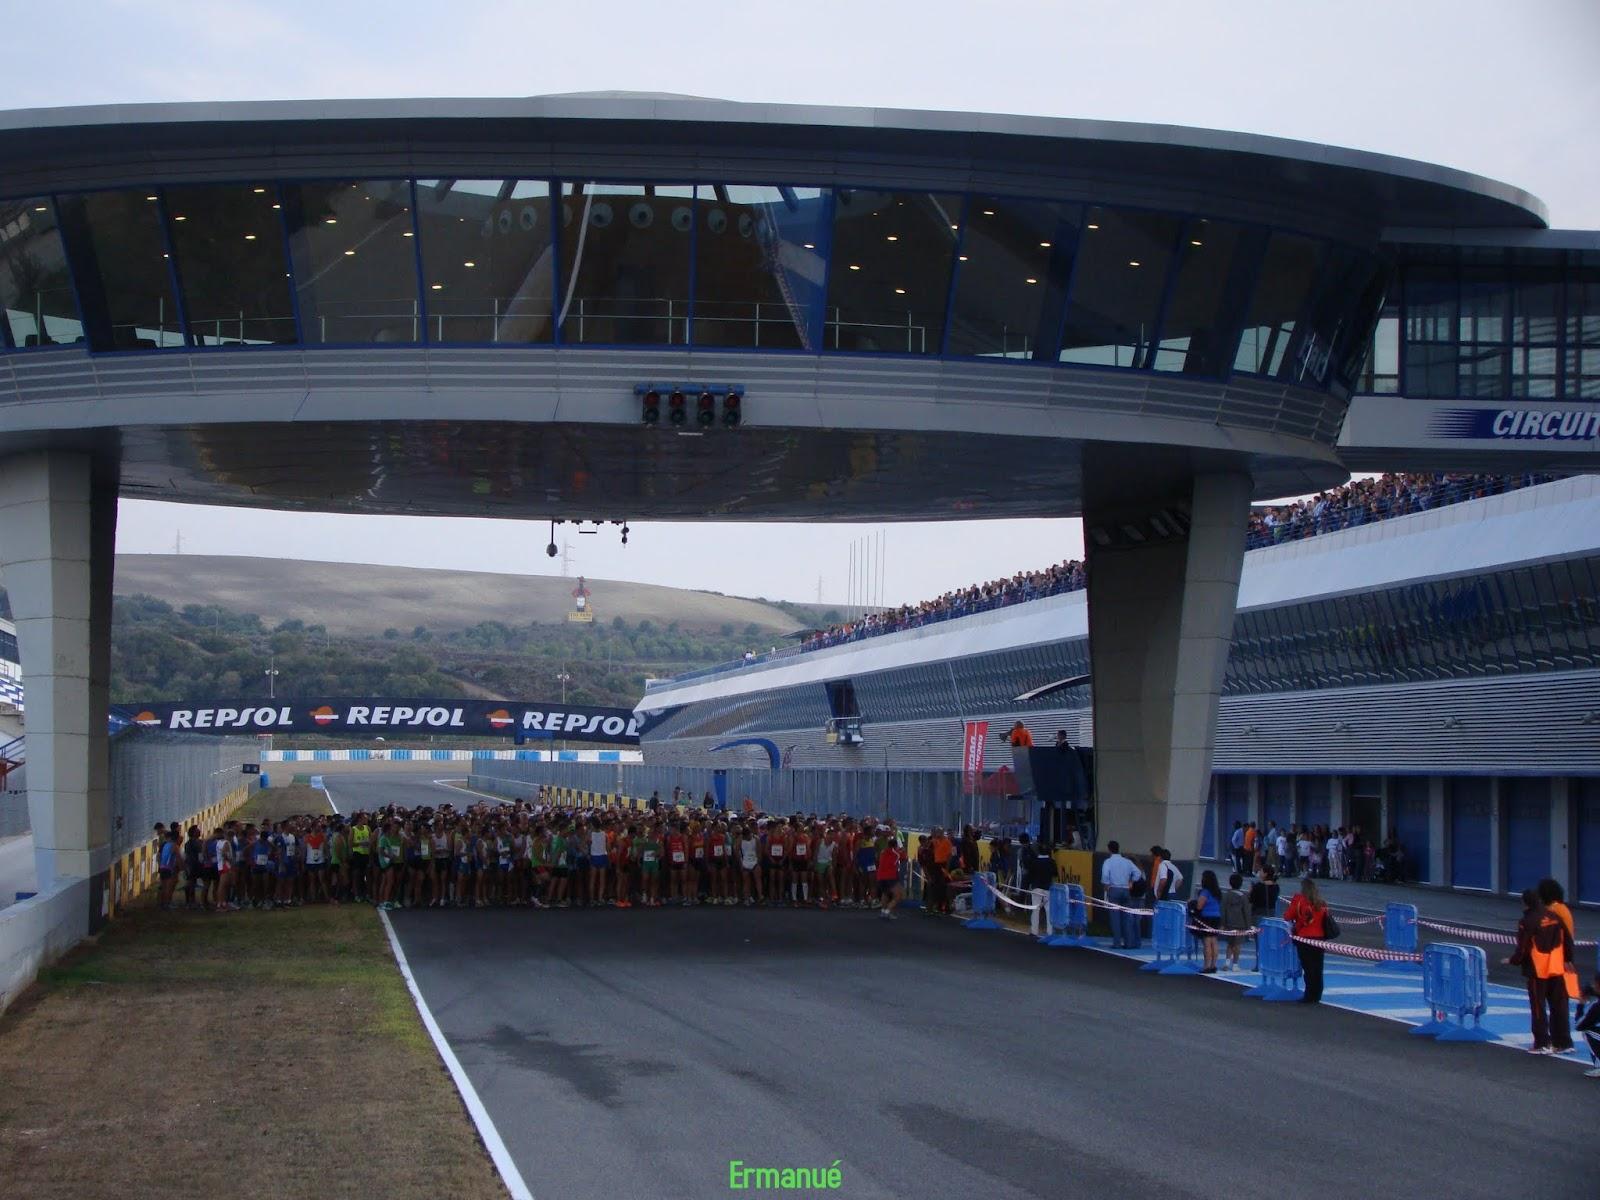 C d los jartibles i carrera solidaria circuito de jerez for Puerta 3 circuito jerez